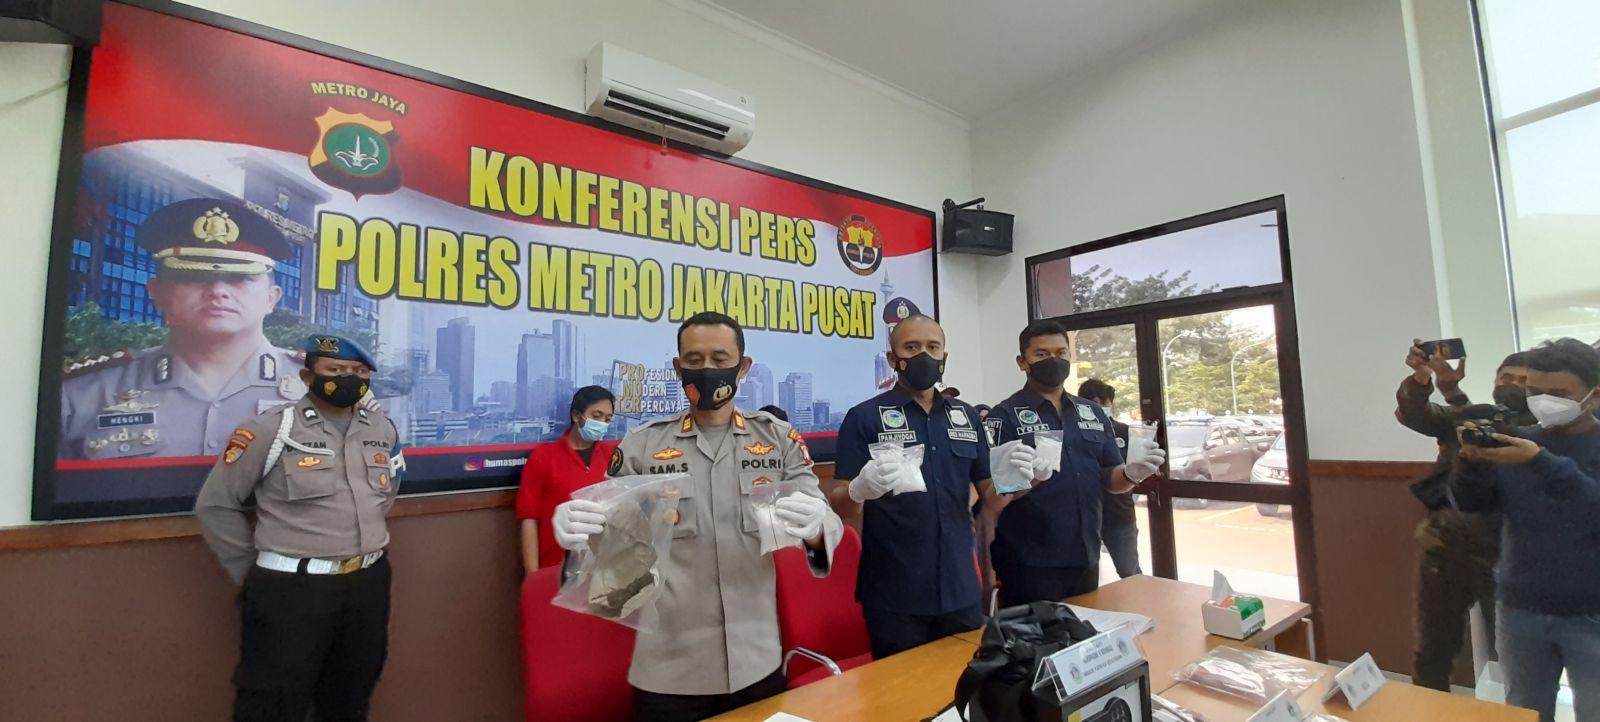 Polres Jakpus Bekuk Pengedar 1,6 Kg Sabu, Sindikat Terancam Mati